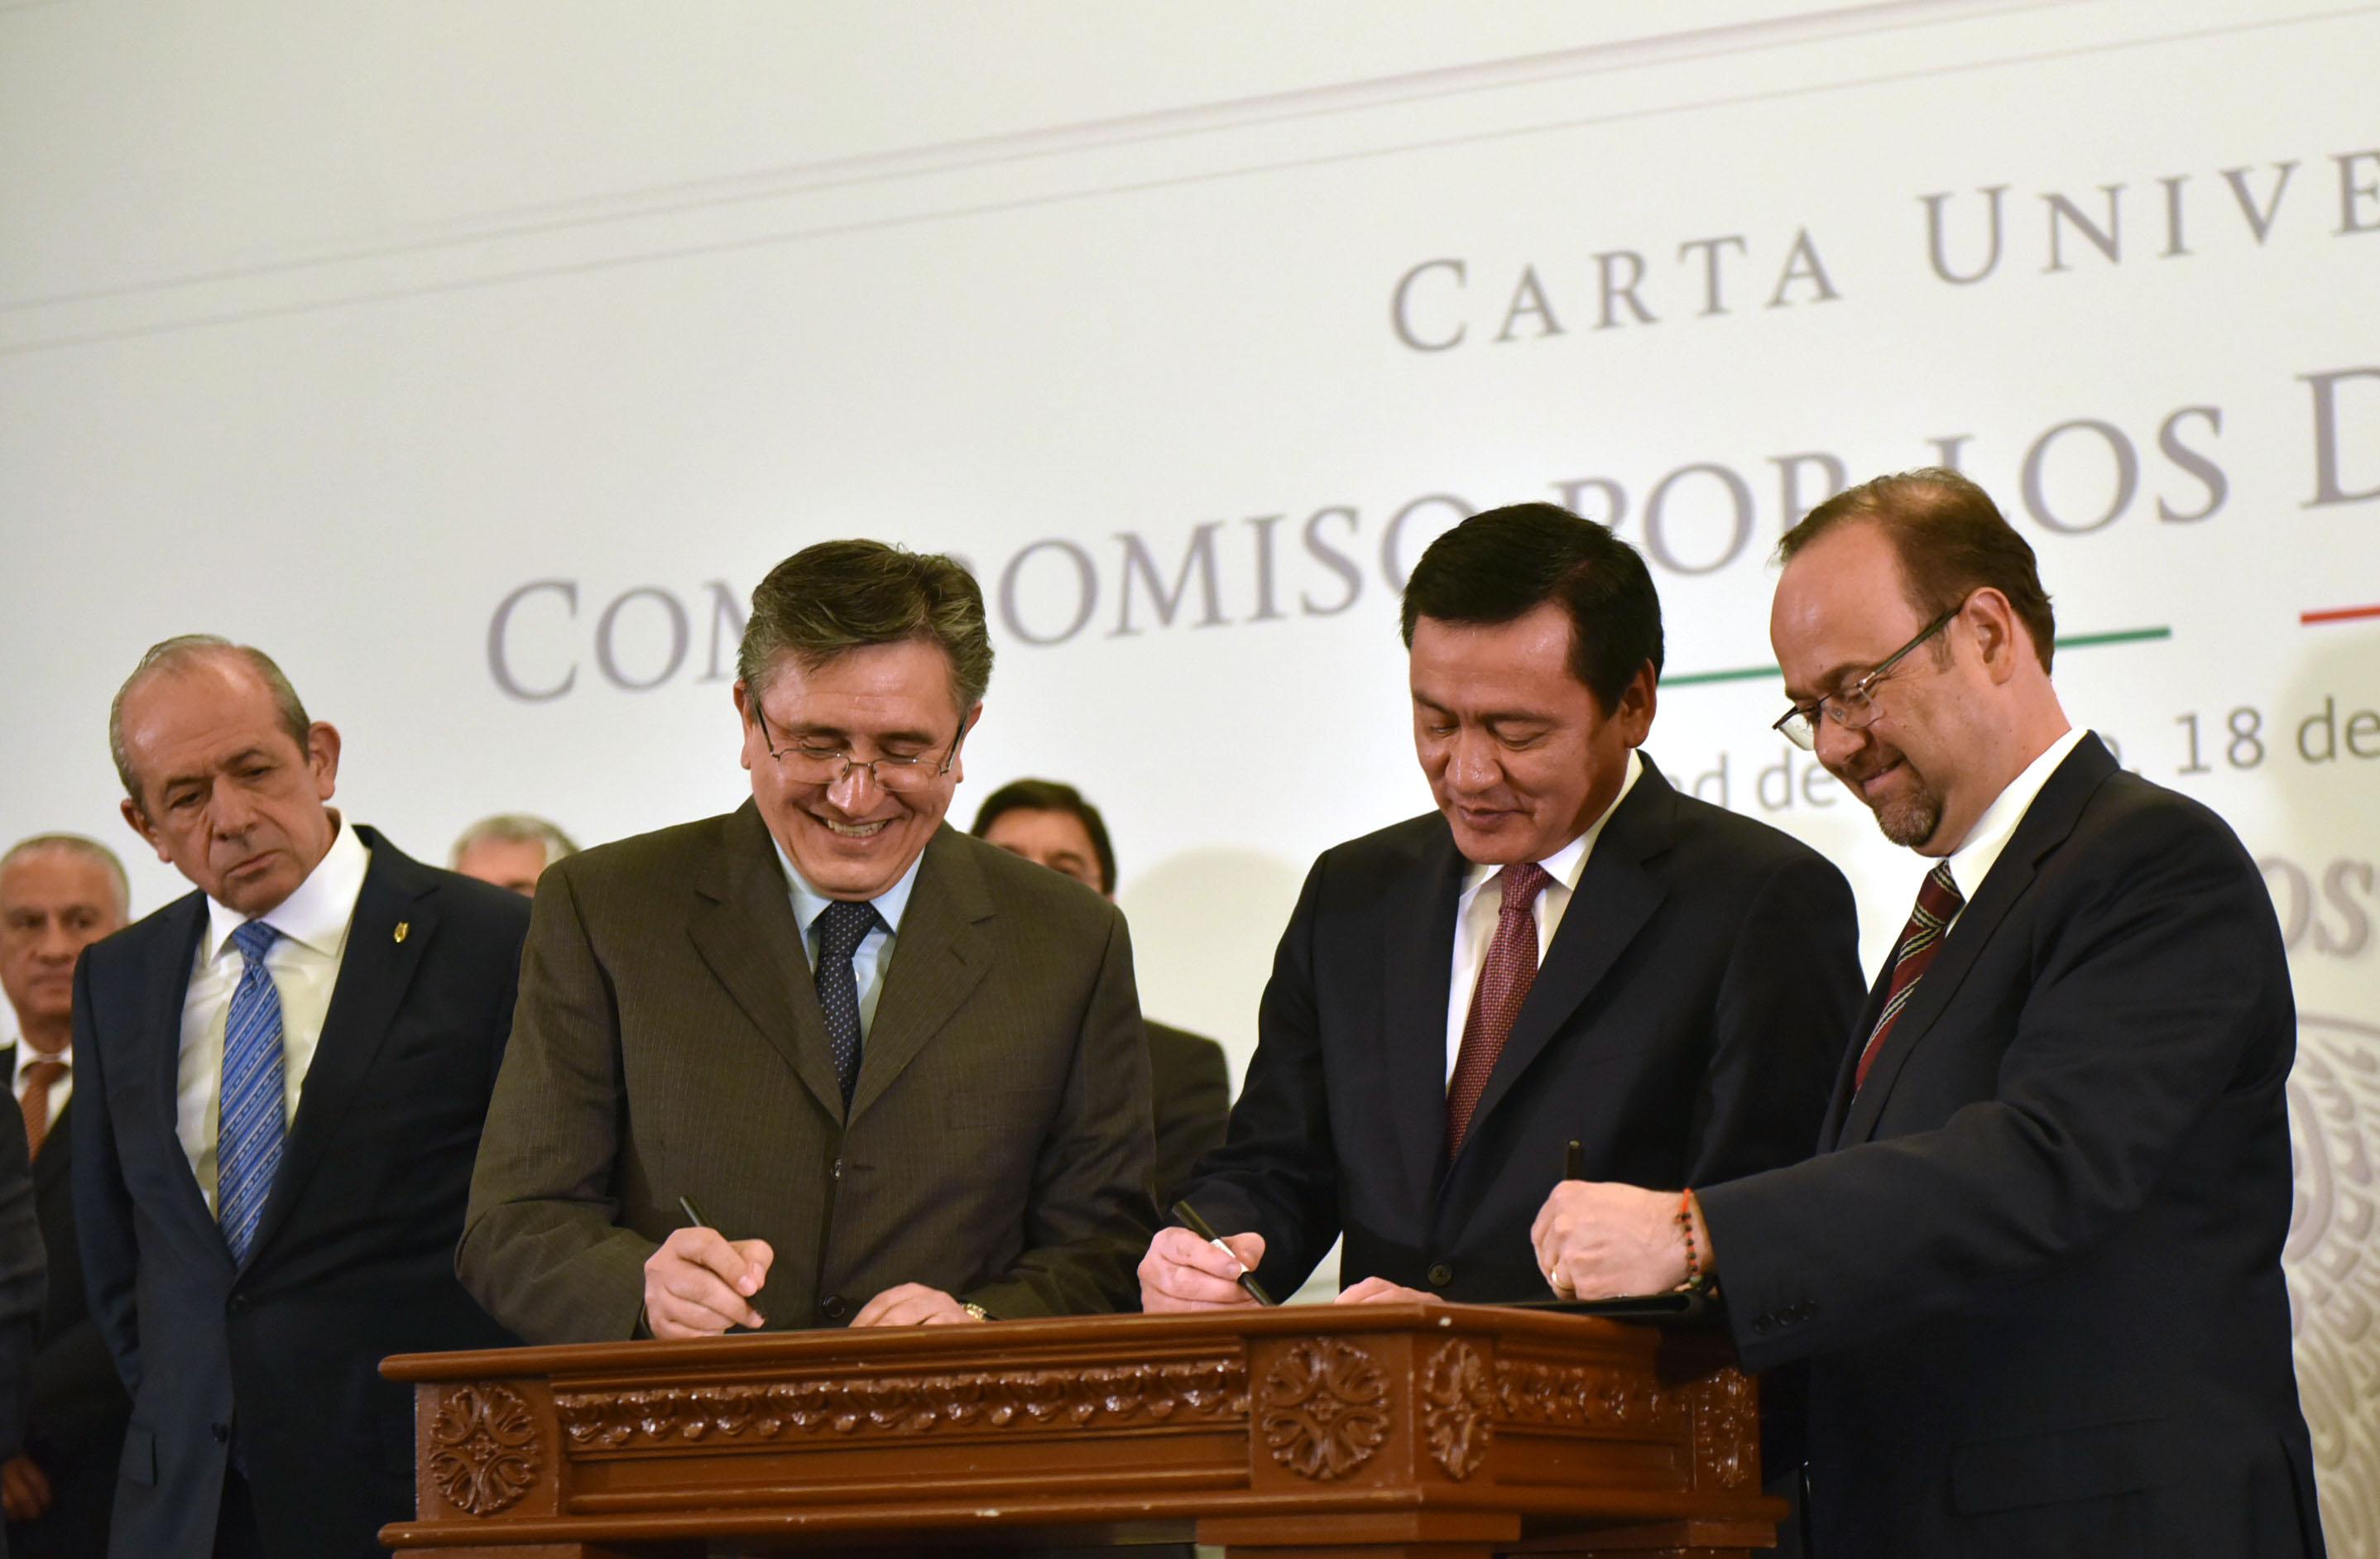 El presidente de la Comisión Nacional de los Derechos Humanos, Luis Raúl González Pérez; el Secretario de Gobernación, Miguel Ángel Osorio Chong y el secretario general ejecutivo de la ANUIES, Jaime Valls Esponda, firma Carta Compromiso DDHH